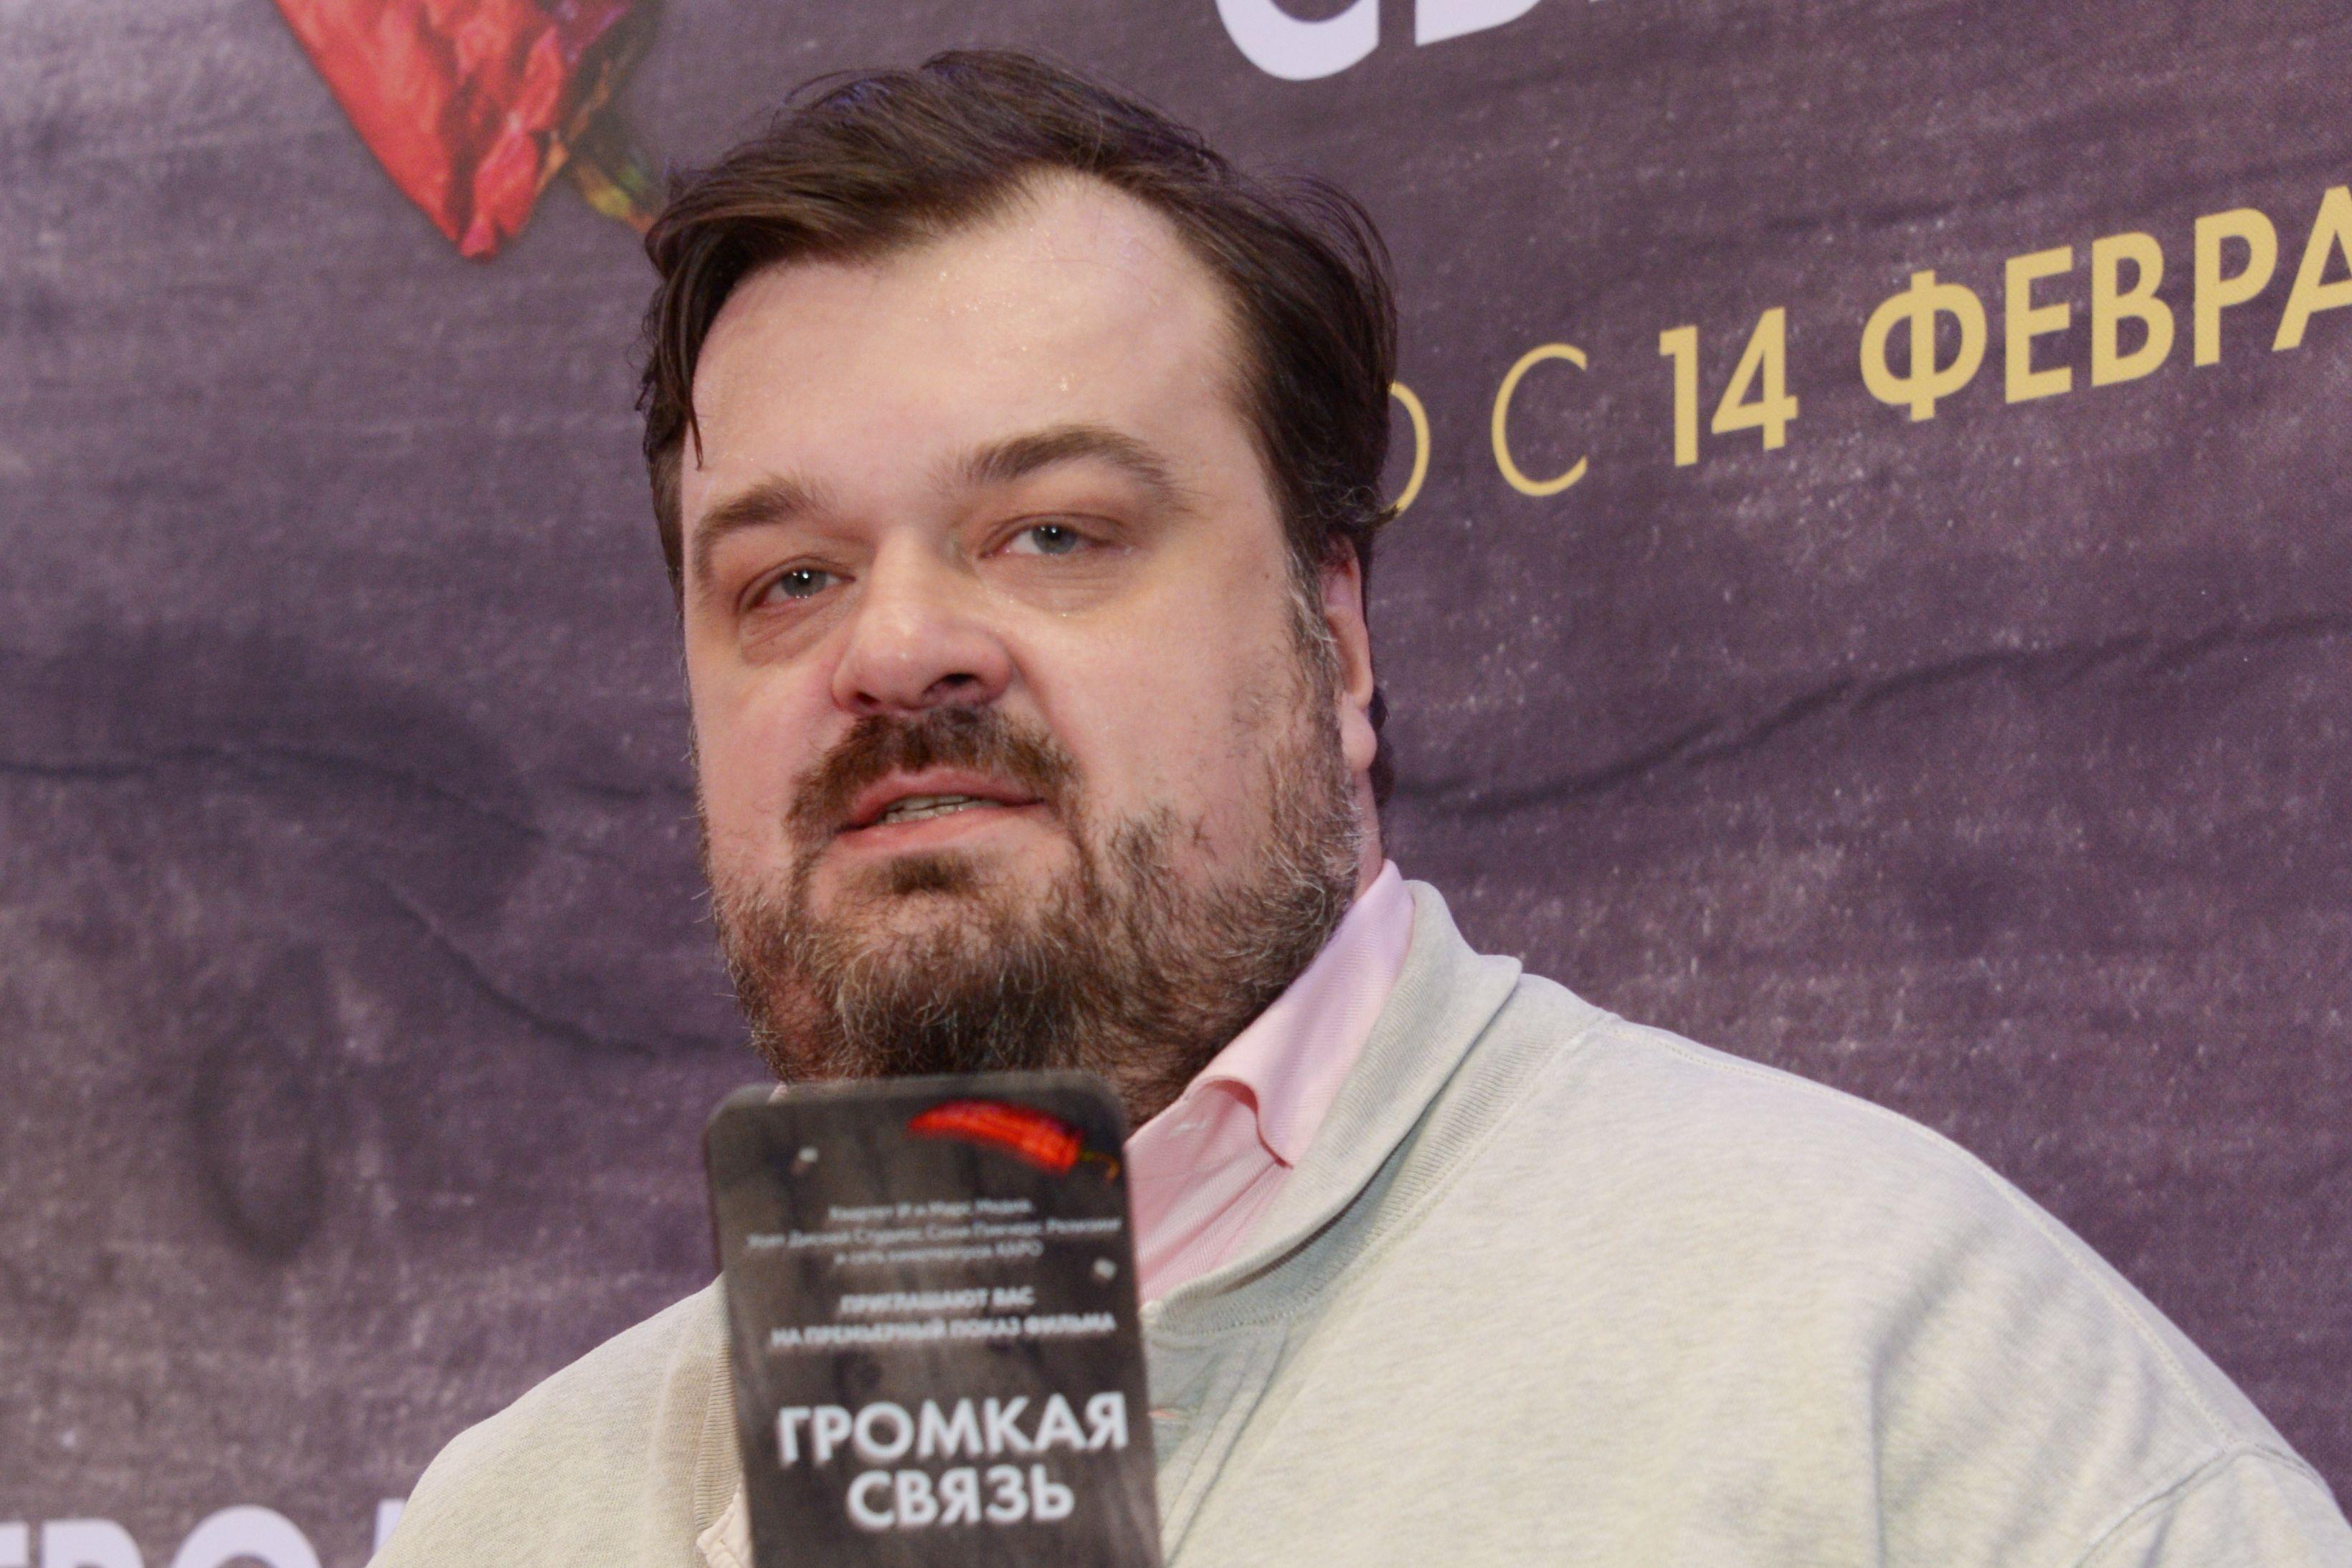 'В этот момент судьба Газизова была решена'. Уткин рассказал, почему 'Спартак' уволил гендиректора